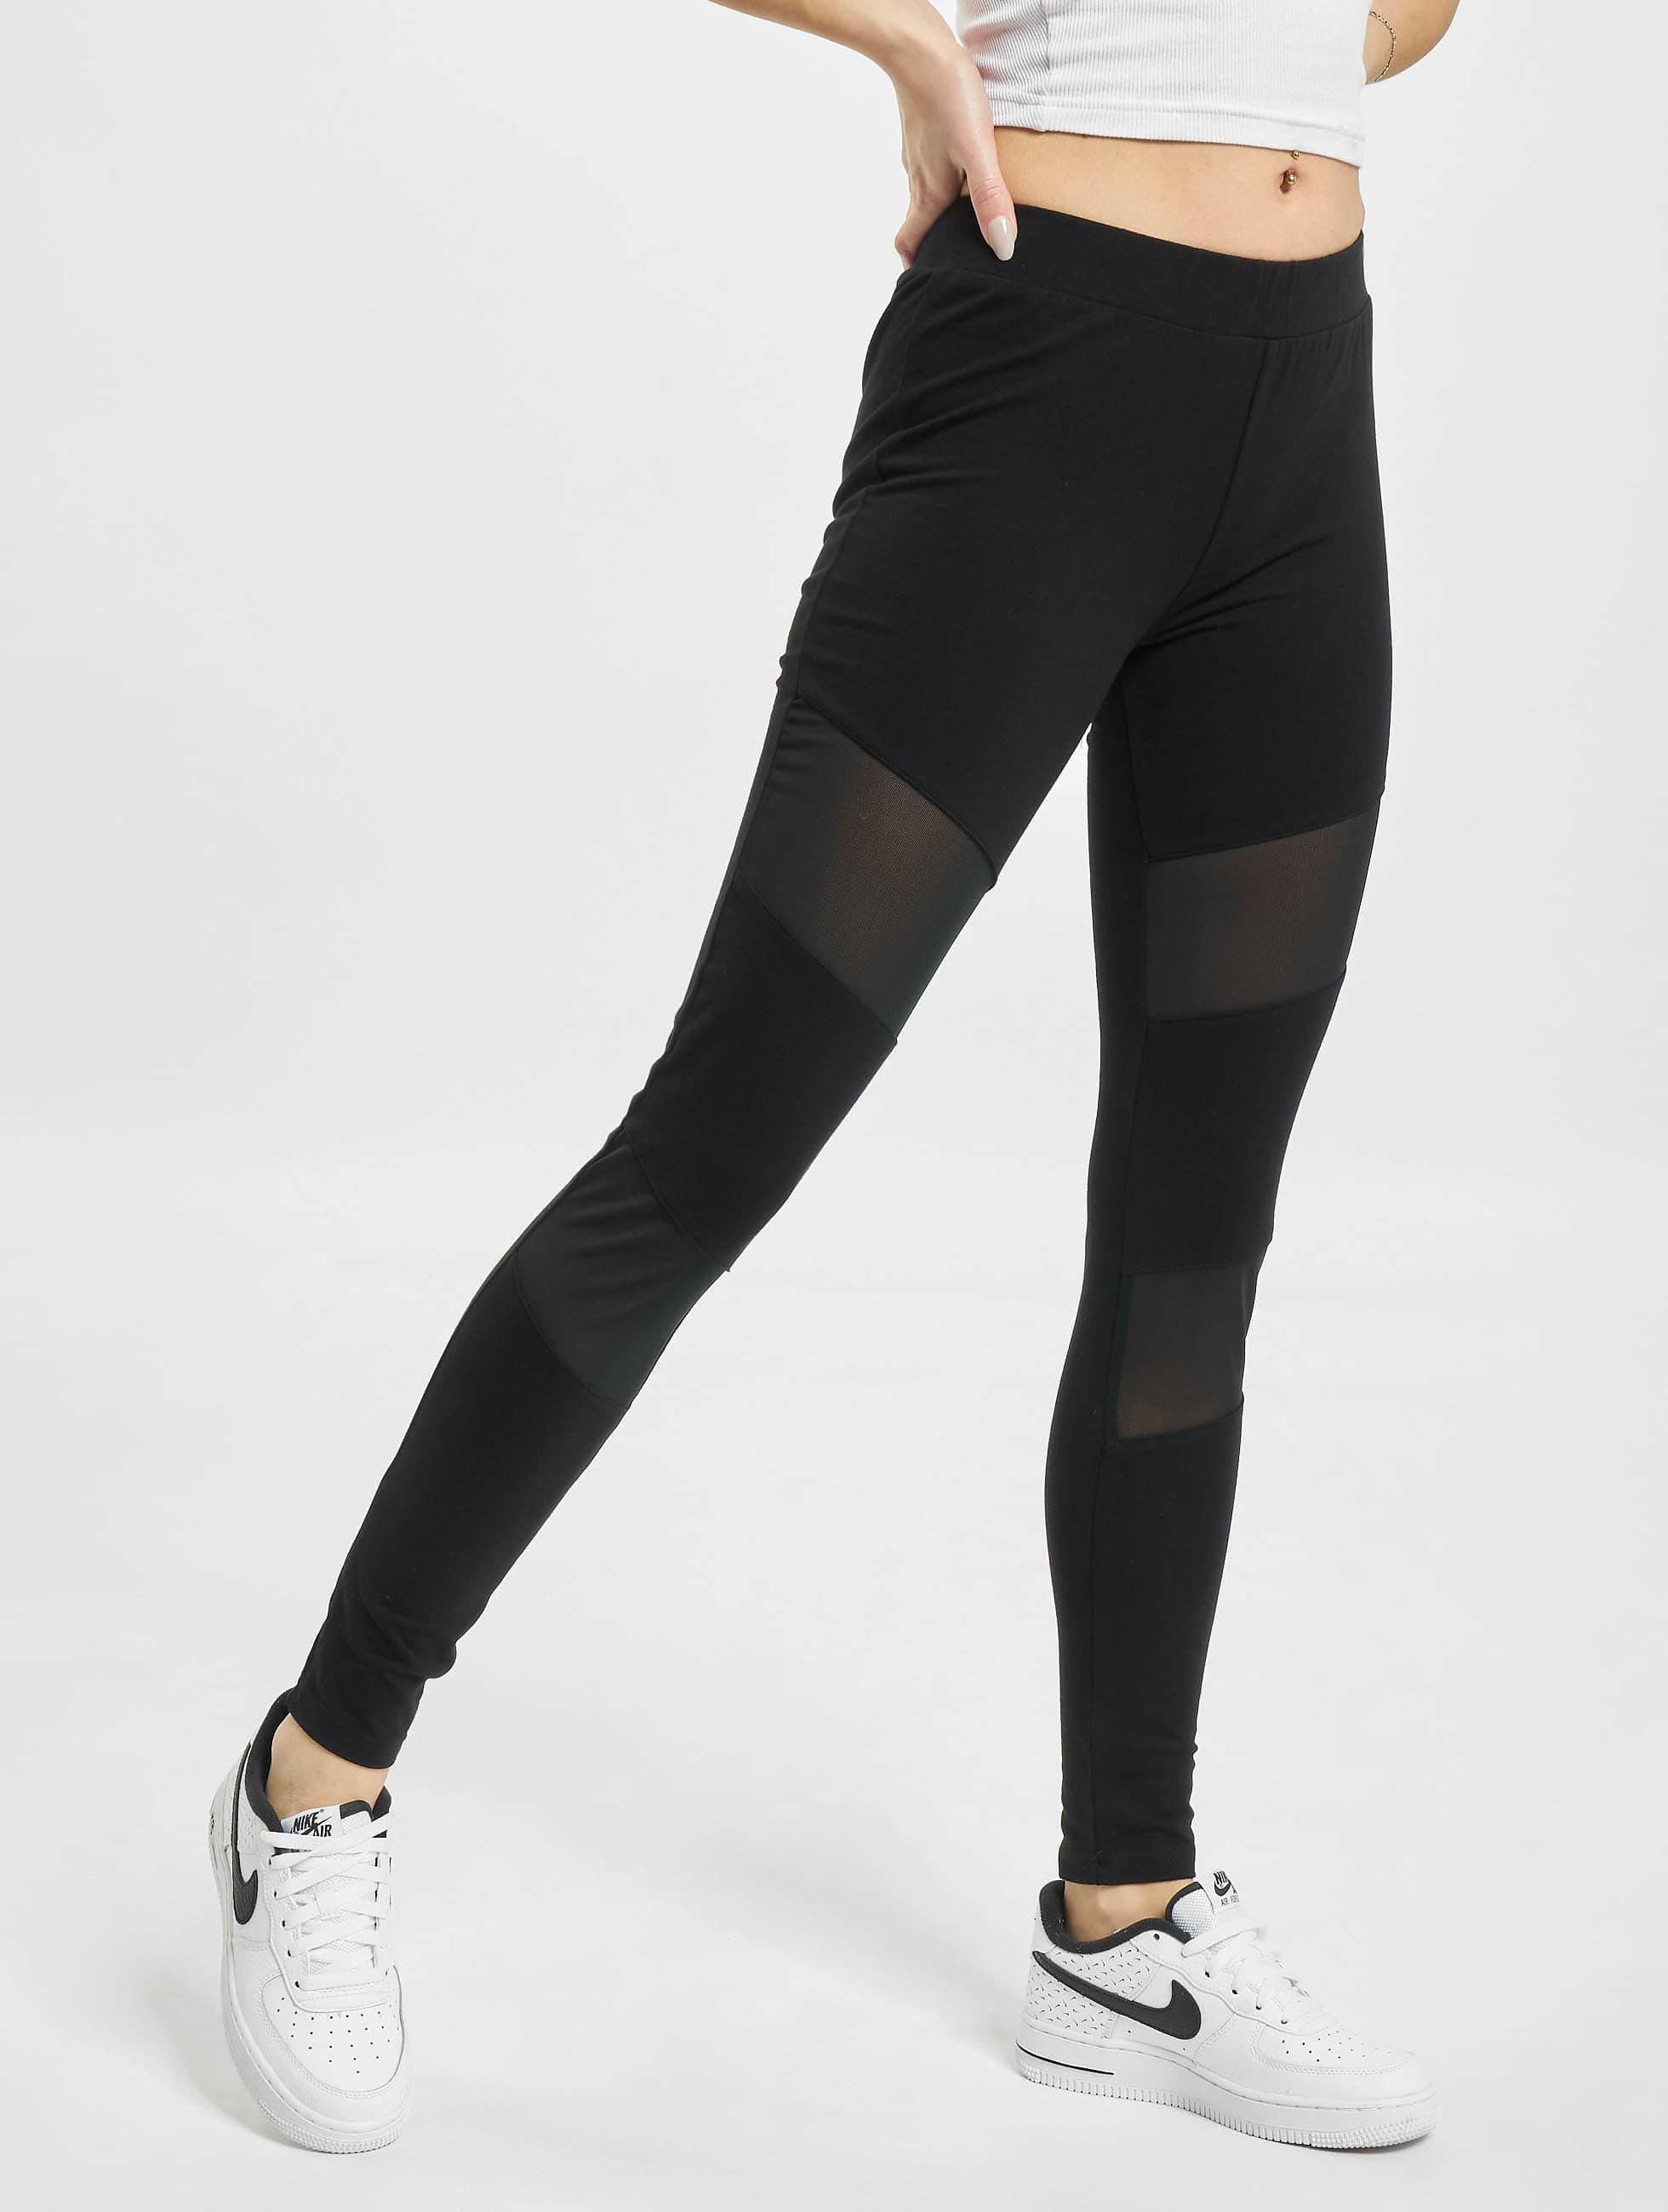 Legging Laarni in schwarz